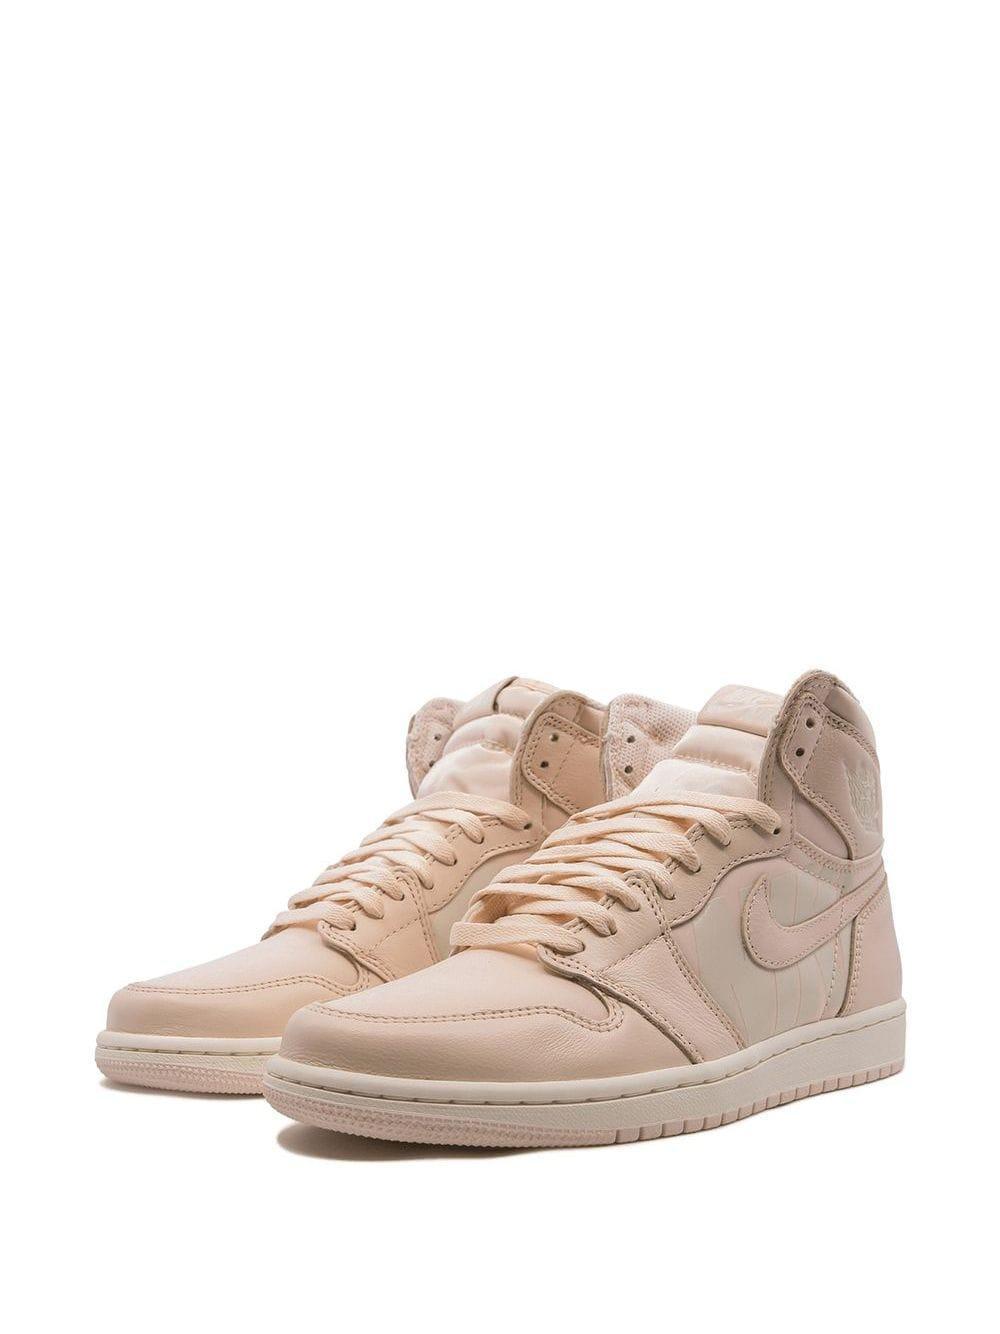 Zapatillas Air 1 High Nike